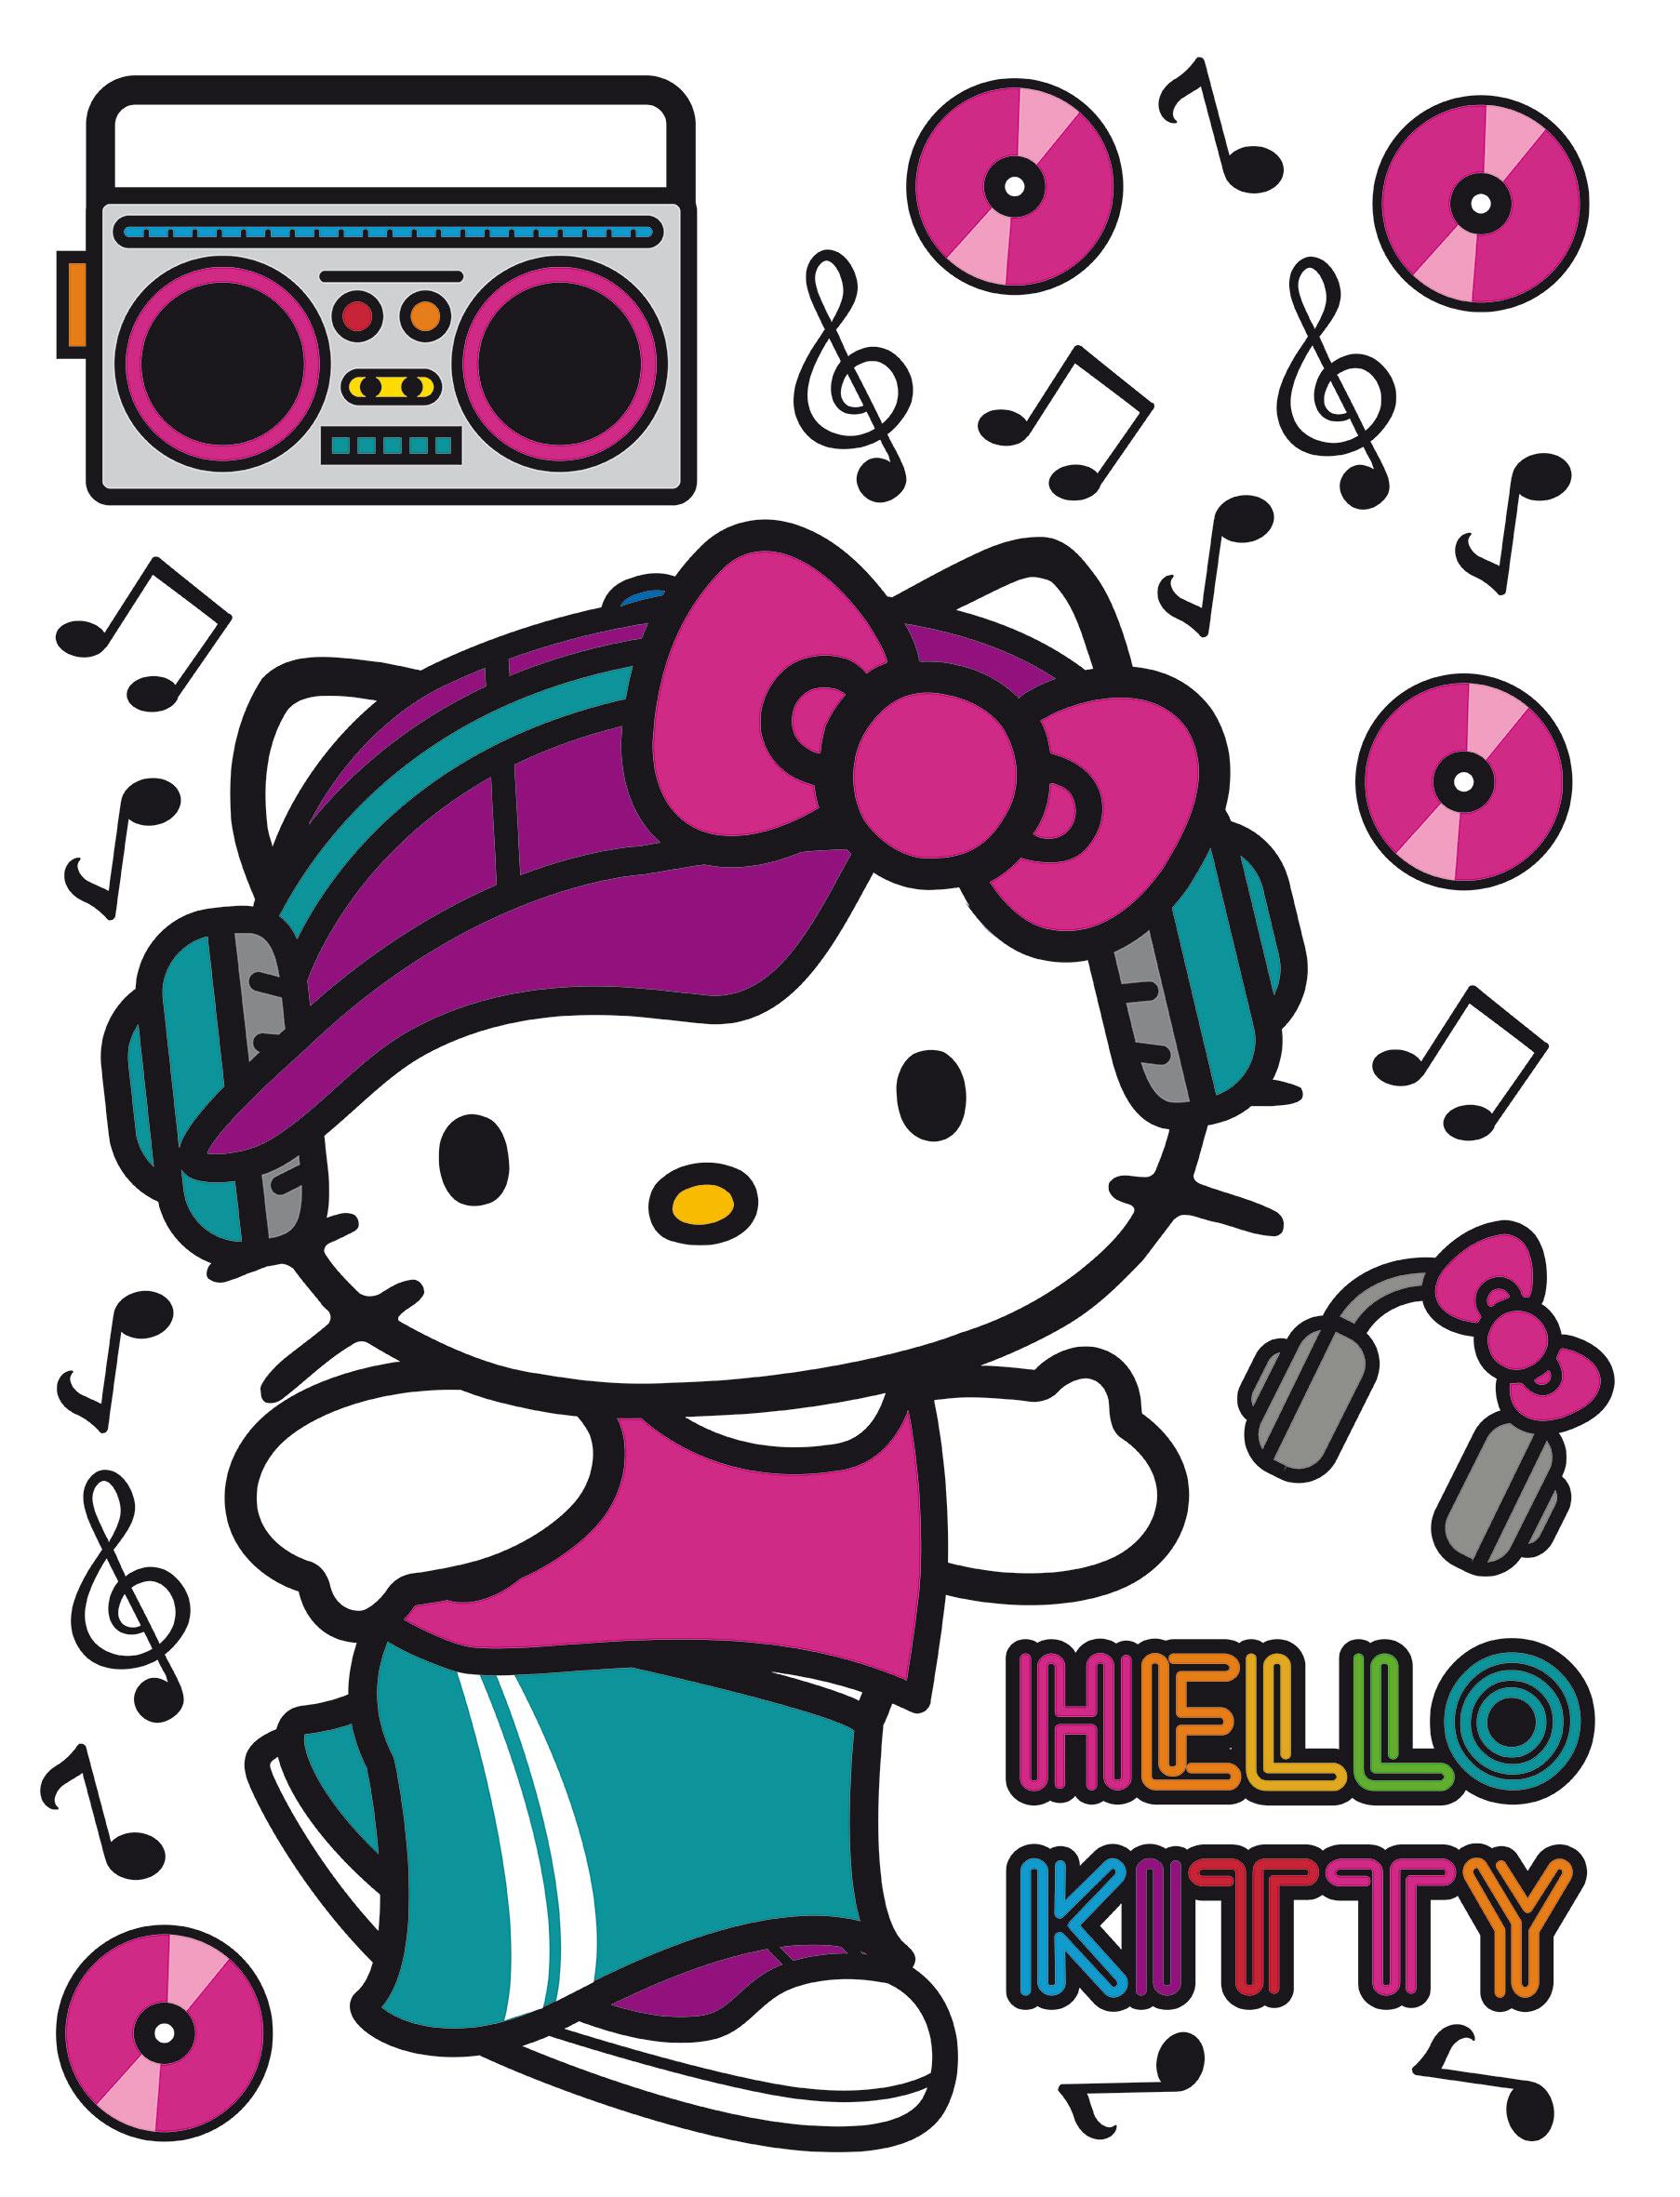 Maxi nálepka Hello Kitty DK 1782 (Dekorativní samolepka)